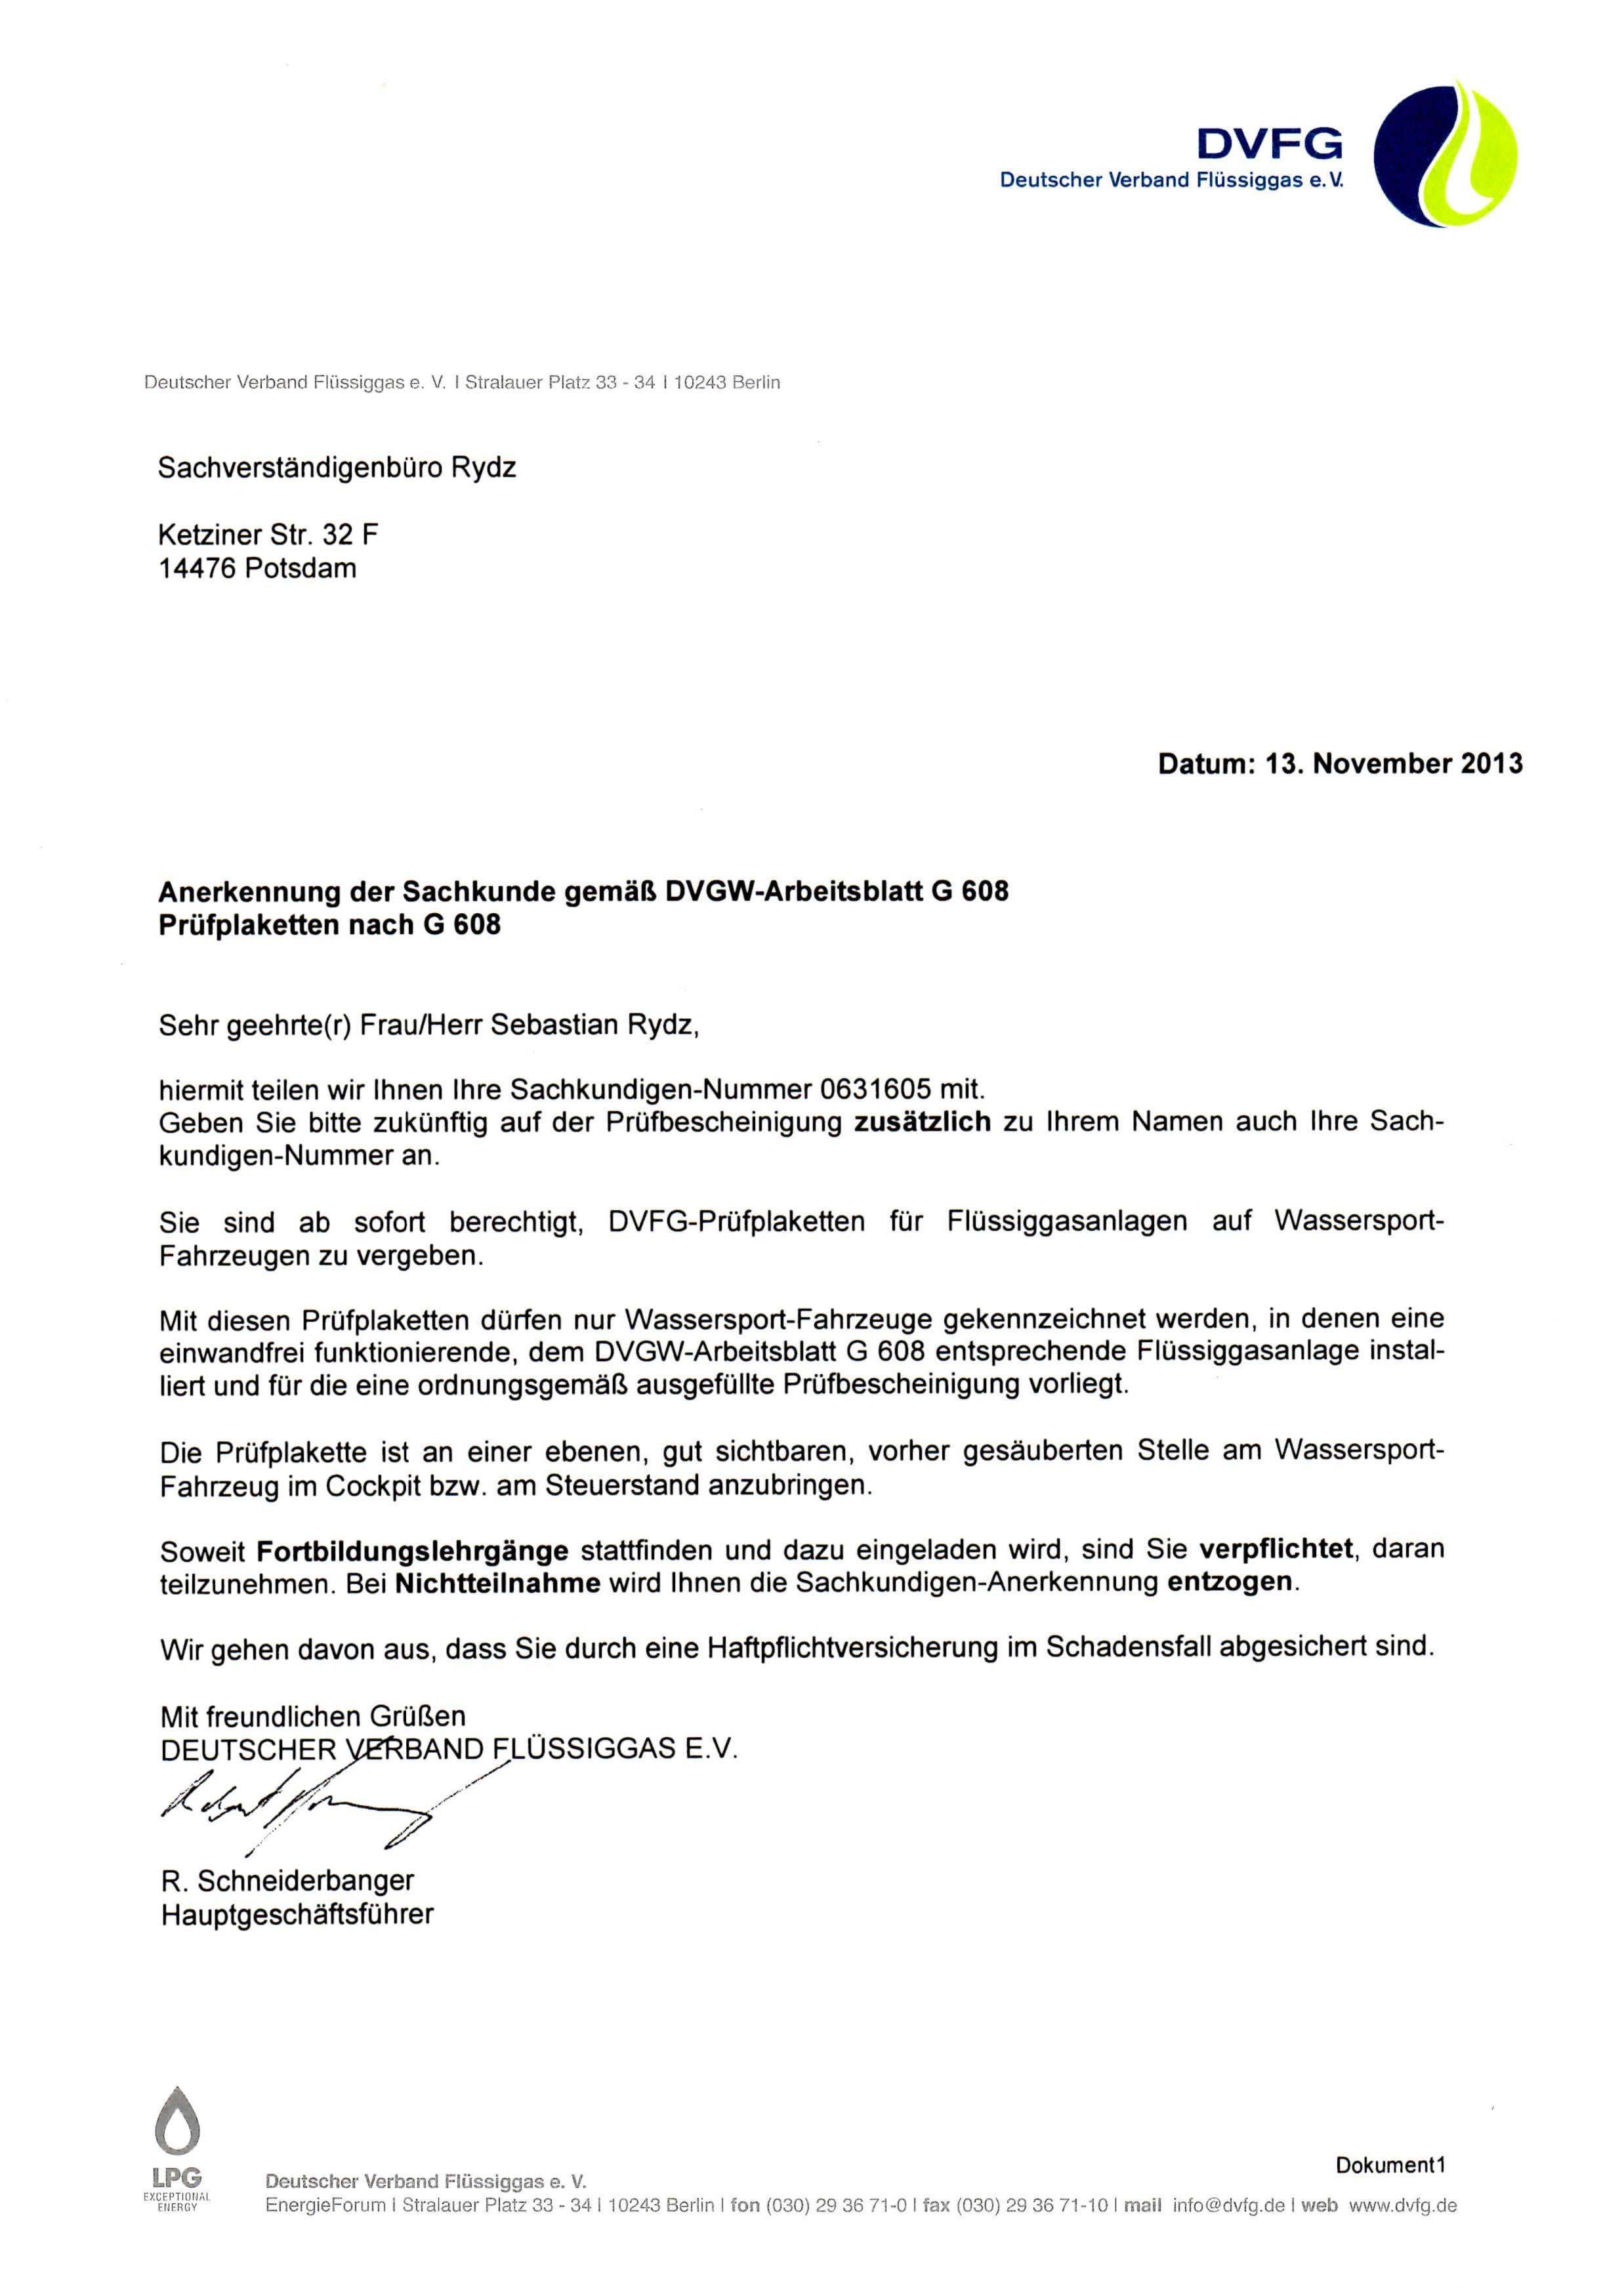 Anerkennung der Sachkunde gemäß DVGW-Arbeitsblatt G608